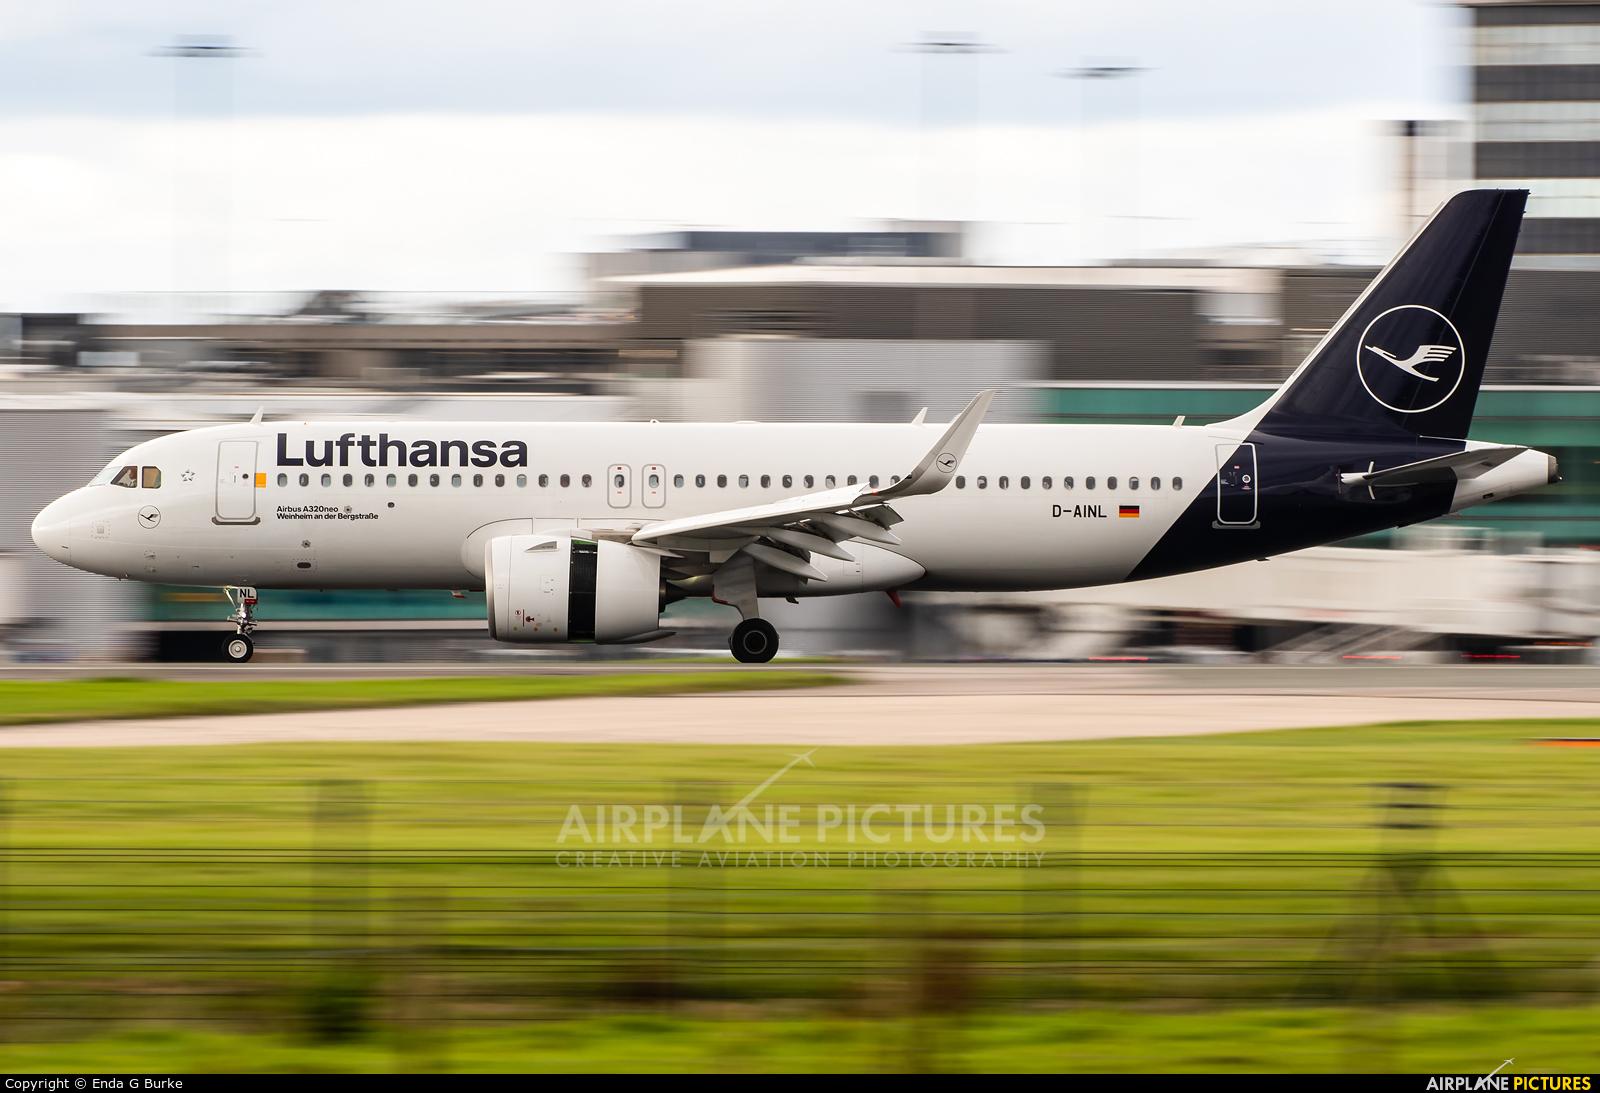 Lufthansa D-AINL aircraft at Manchester